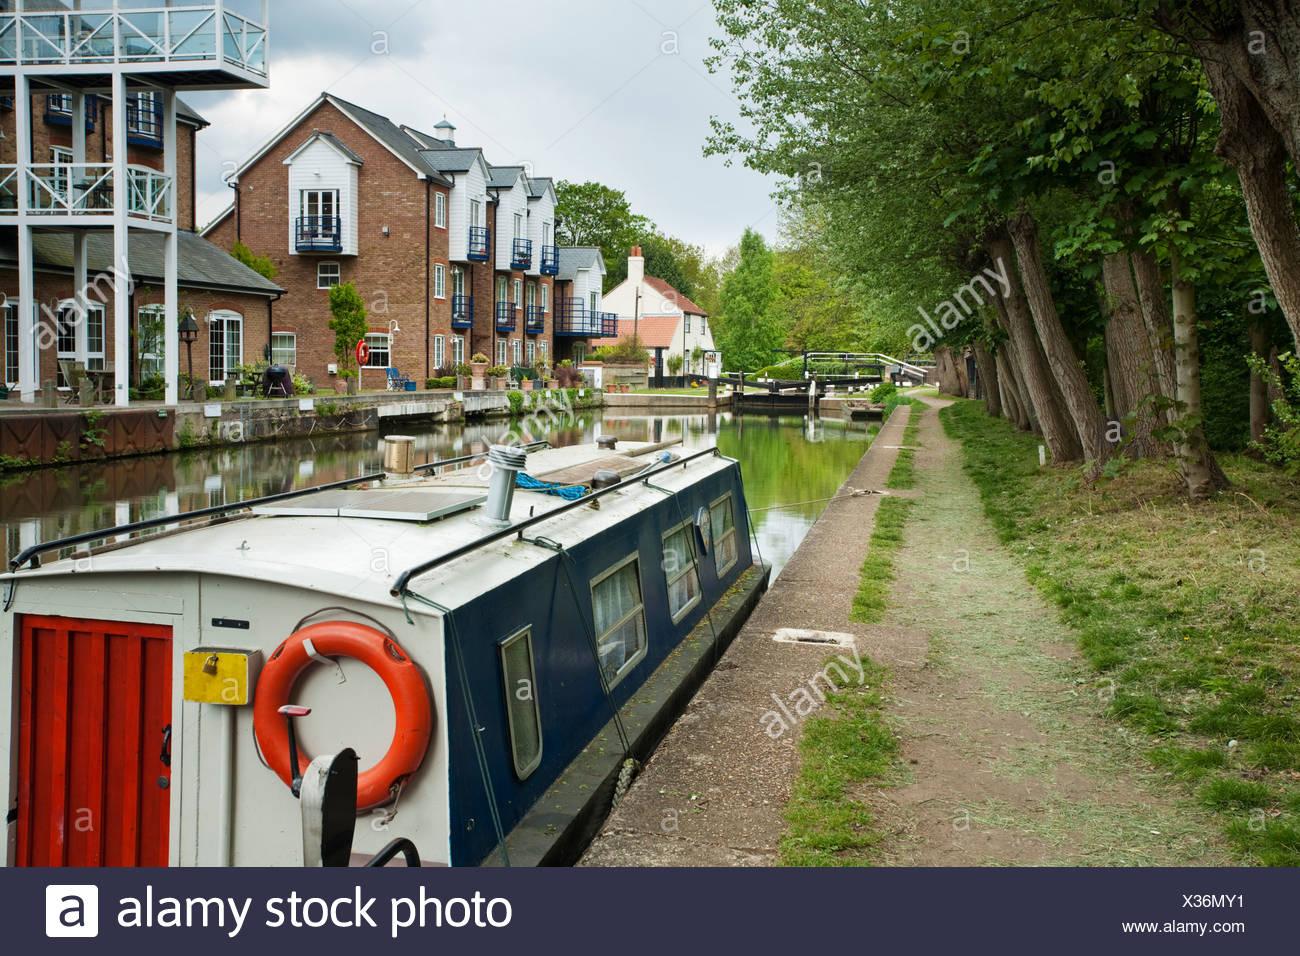 Thames Lock on the Wey Navigation Canal, Weybridge, Surrey, Uk - Stock Image